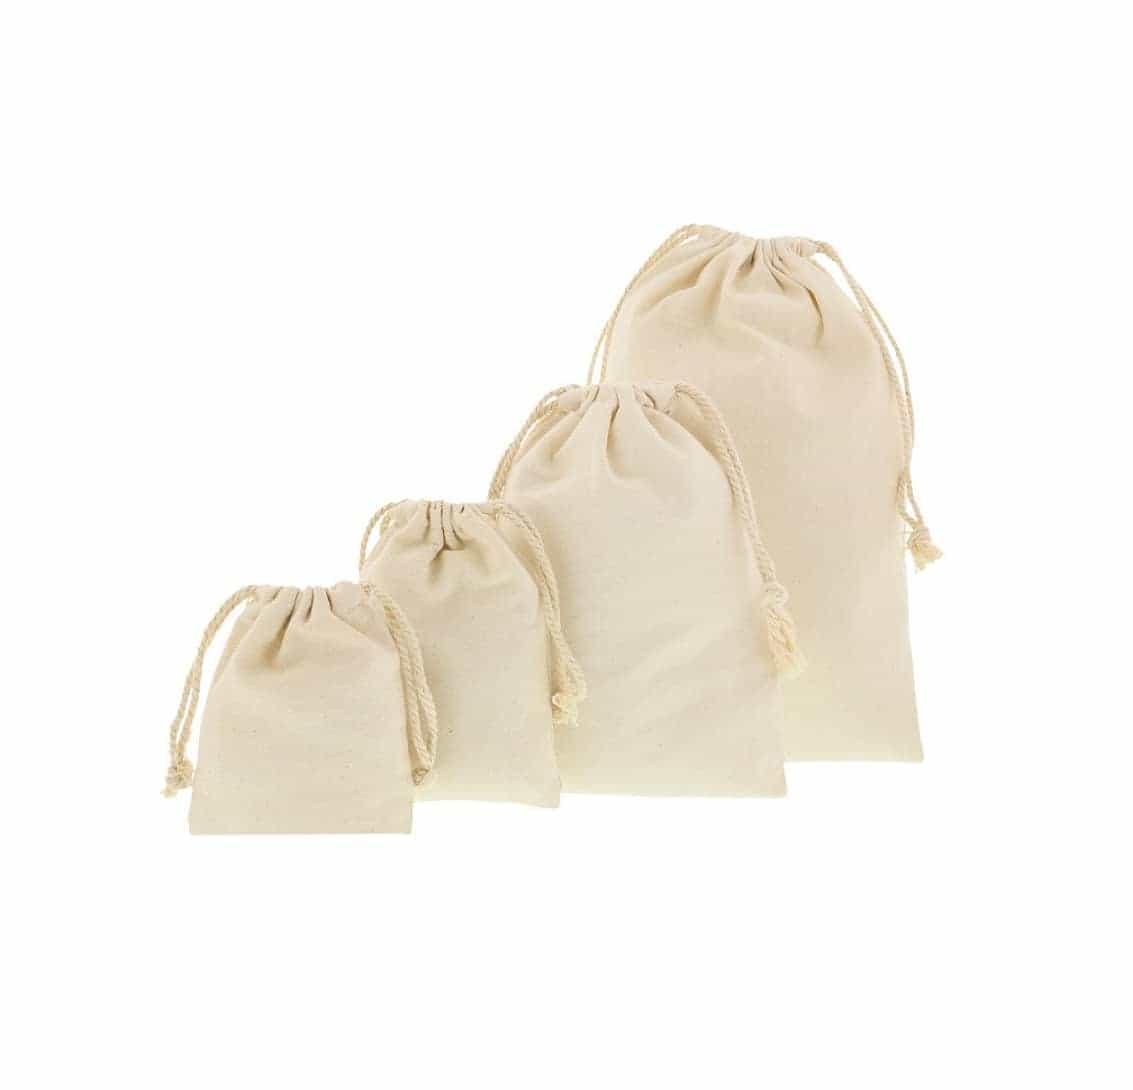 ᐅ • Cotton drawstring bags wholesale UK  380e4844c4f84